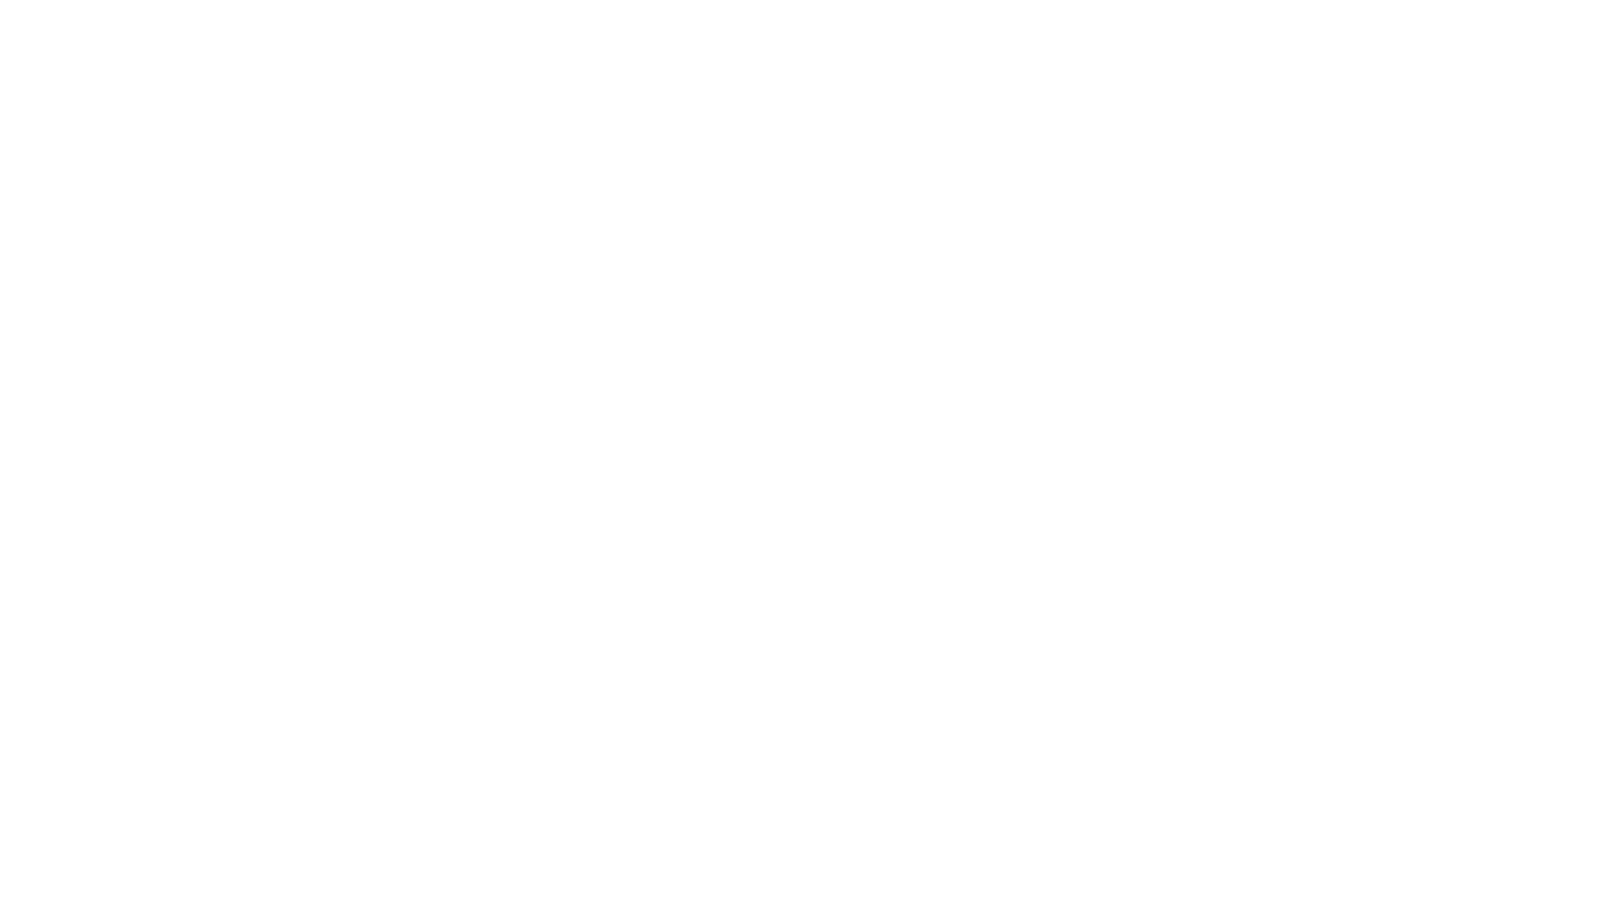 Hope For This Nation är i Umeå och undervisar, lovsjunger och evangeliserar. Följ oss här här på vår Youtube och Facebook-kanal.  Samtliga kvällsmöten (onsdag en 14e, fredagen den 16e och lördagen den 17e Juli kl 19:00).     Ytterligare info För mer info om församlingen Umeå Vineyard och / eller kontakt med någon av våra pastorer se vår hemsida: www.umea.vineyard.se Fyll gärna i vårt kontaktkort så hör vi av oss så snart vi kan. Klicka bara på den här länken så kommer du dit: www.umea.vineyard.se/kontaktkort.   Gudstjänst online Gudstjänster med Umeå Vineyard streamas på Youtube, Facebook och vår hemsida.